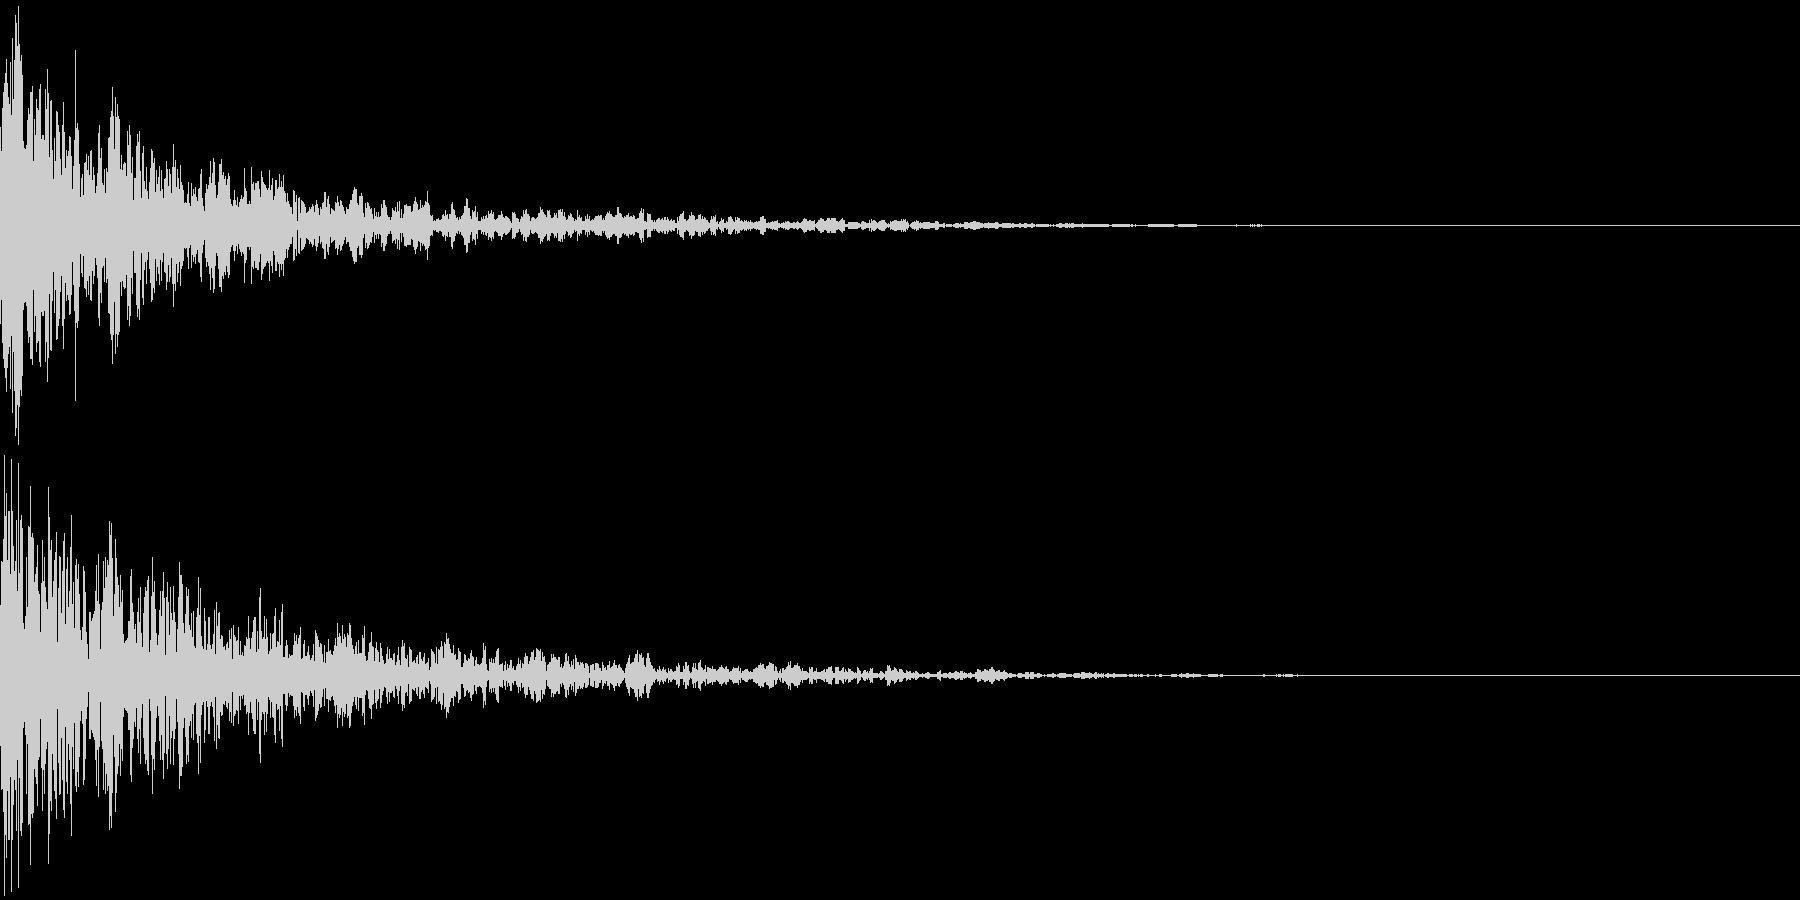 ドーン-47-2(インパクト音)の未再生の波形